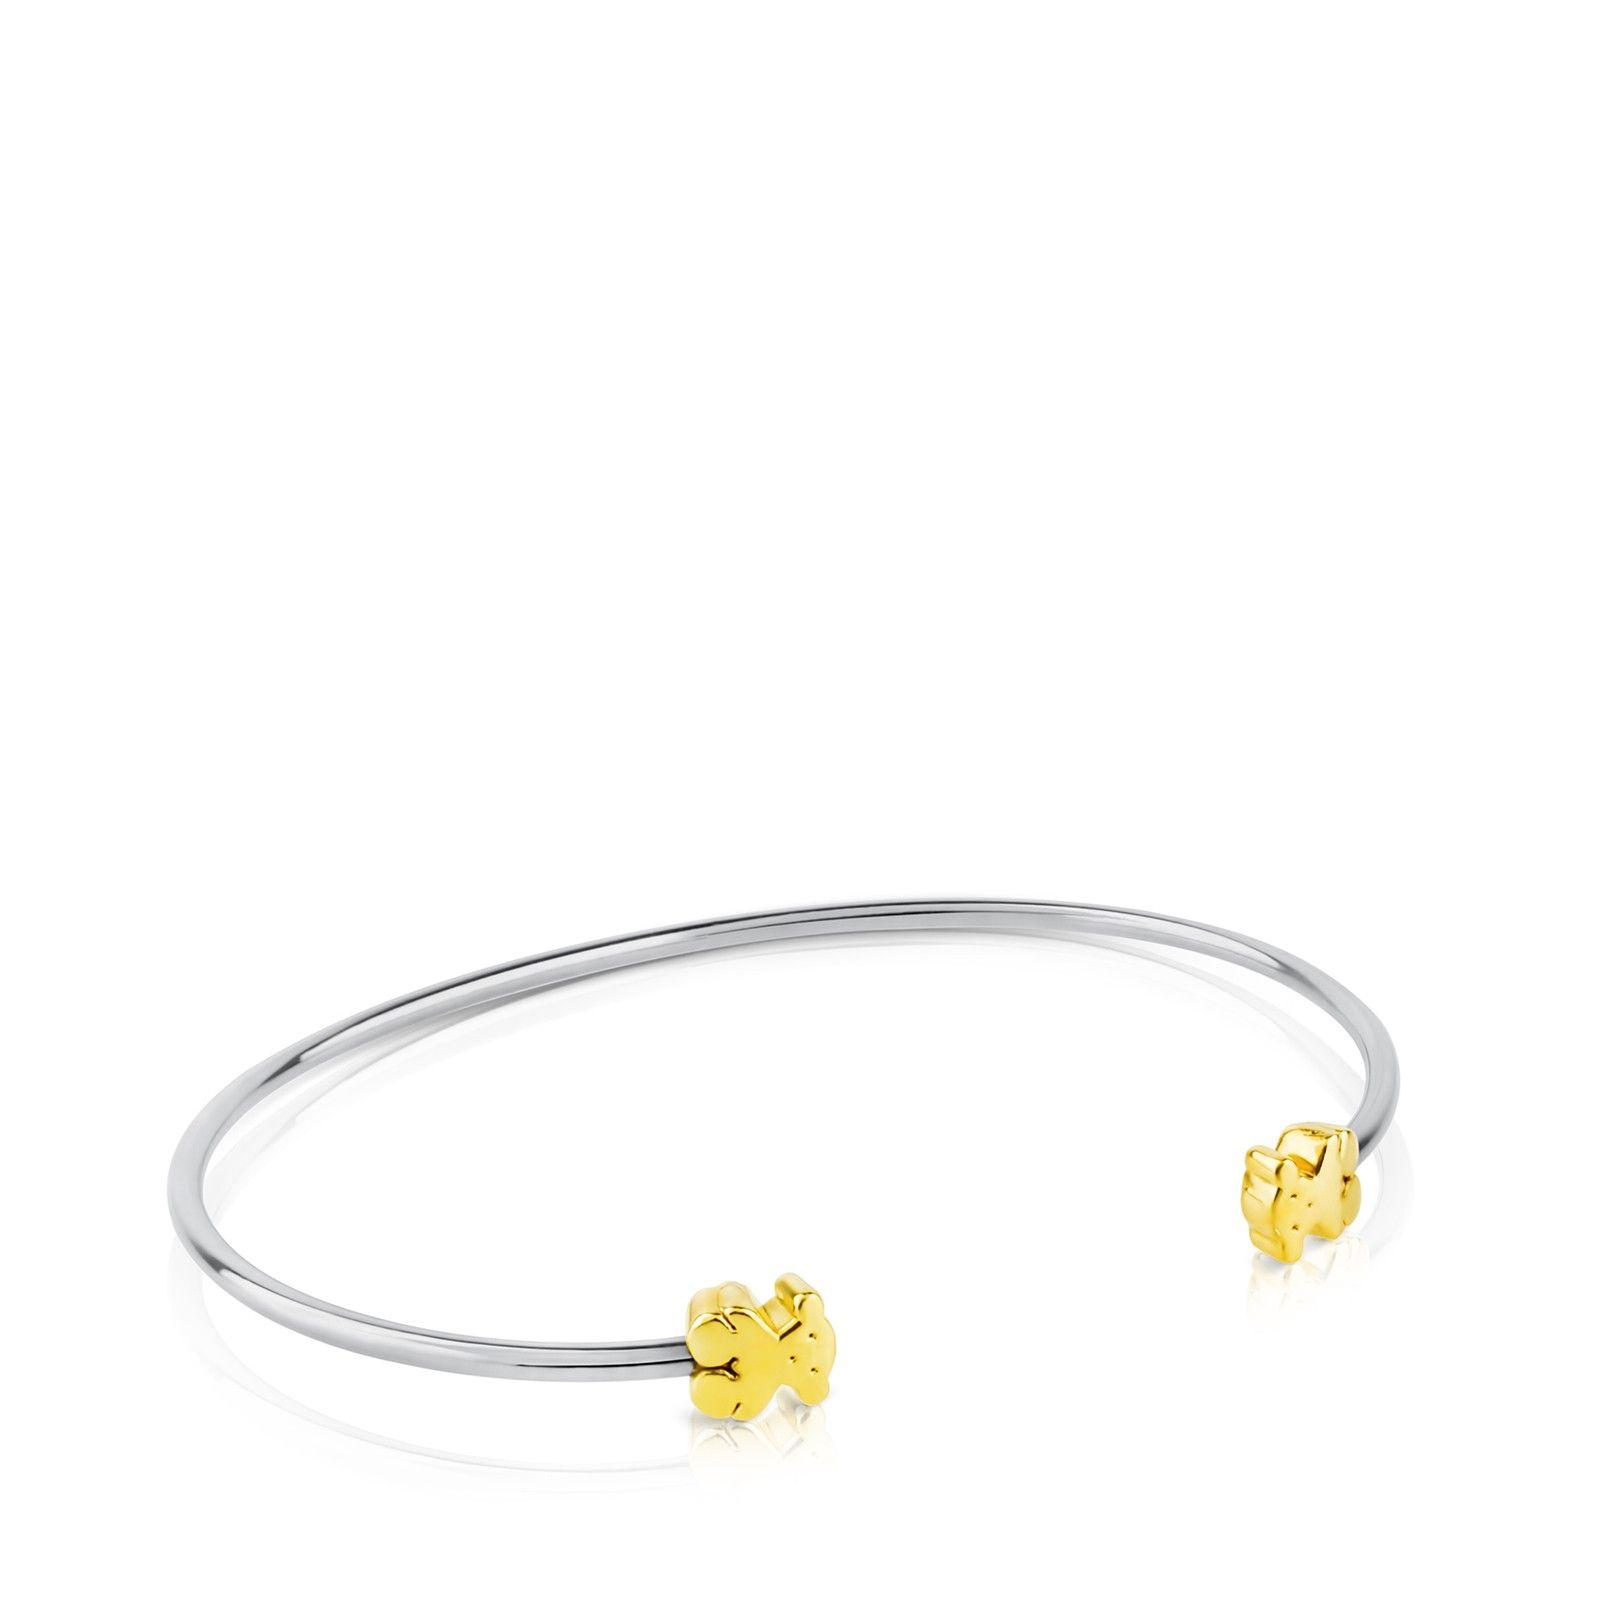 bf03b5d055ba Pulsera Colat de Titanio - Tous | Pulseras anillos accesorios ...